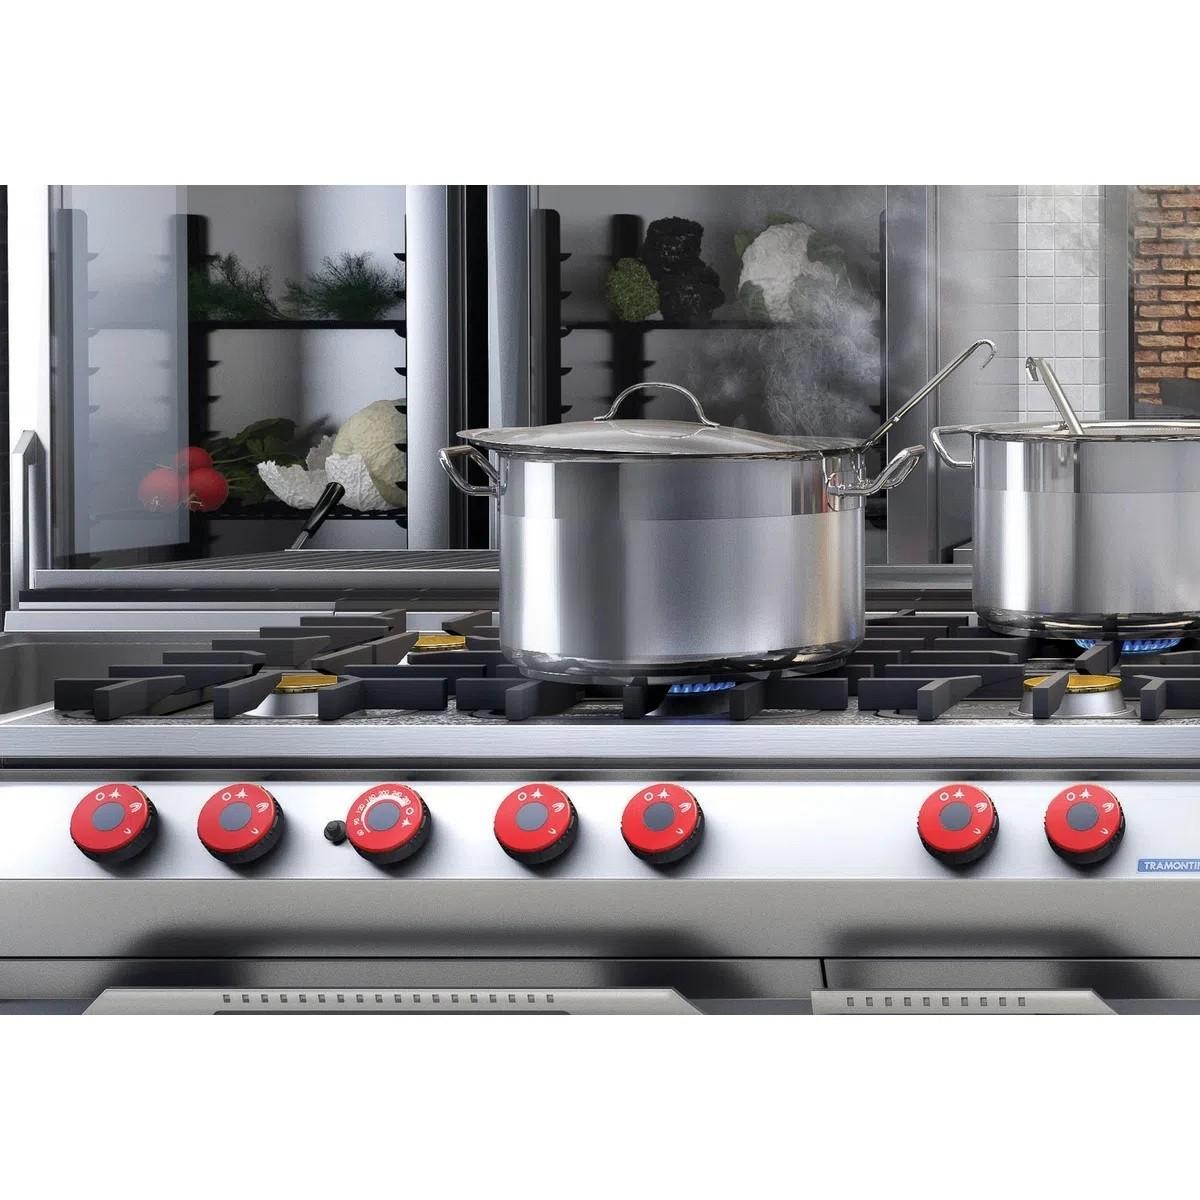 Caldeirão Fundo Aço Inox Professional 20cm 5,7L  - Sua Casa Gourmet e Cia